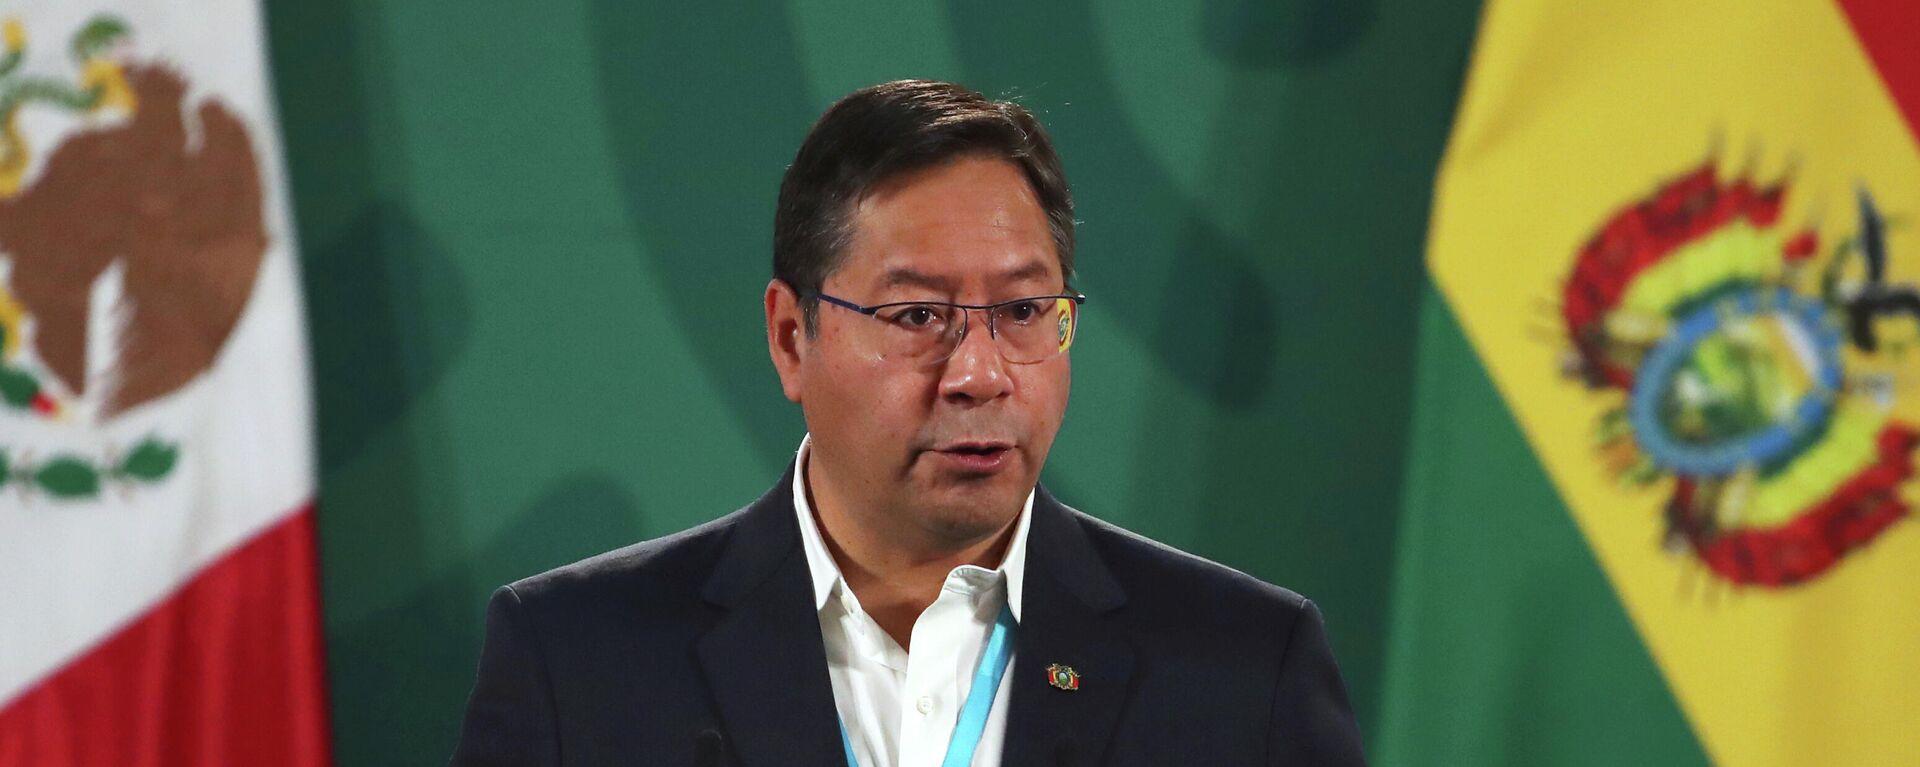 Luis Arce, presidente de Bolivia - Sputnik Mundo, 1920, 09.07.2021